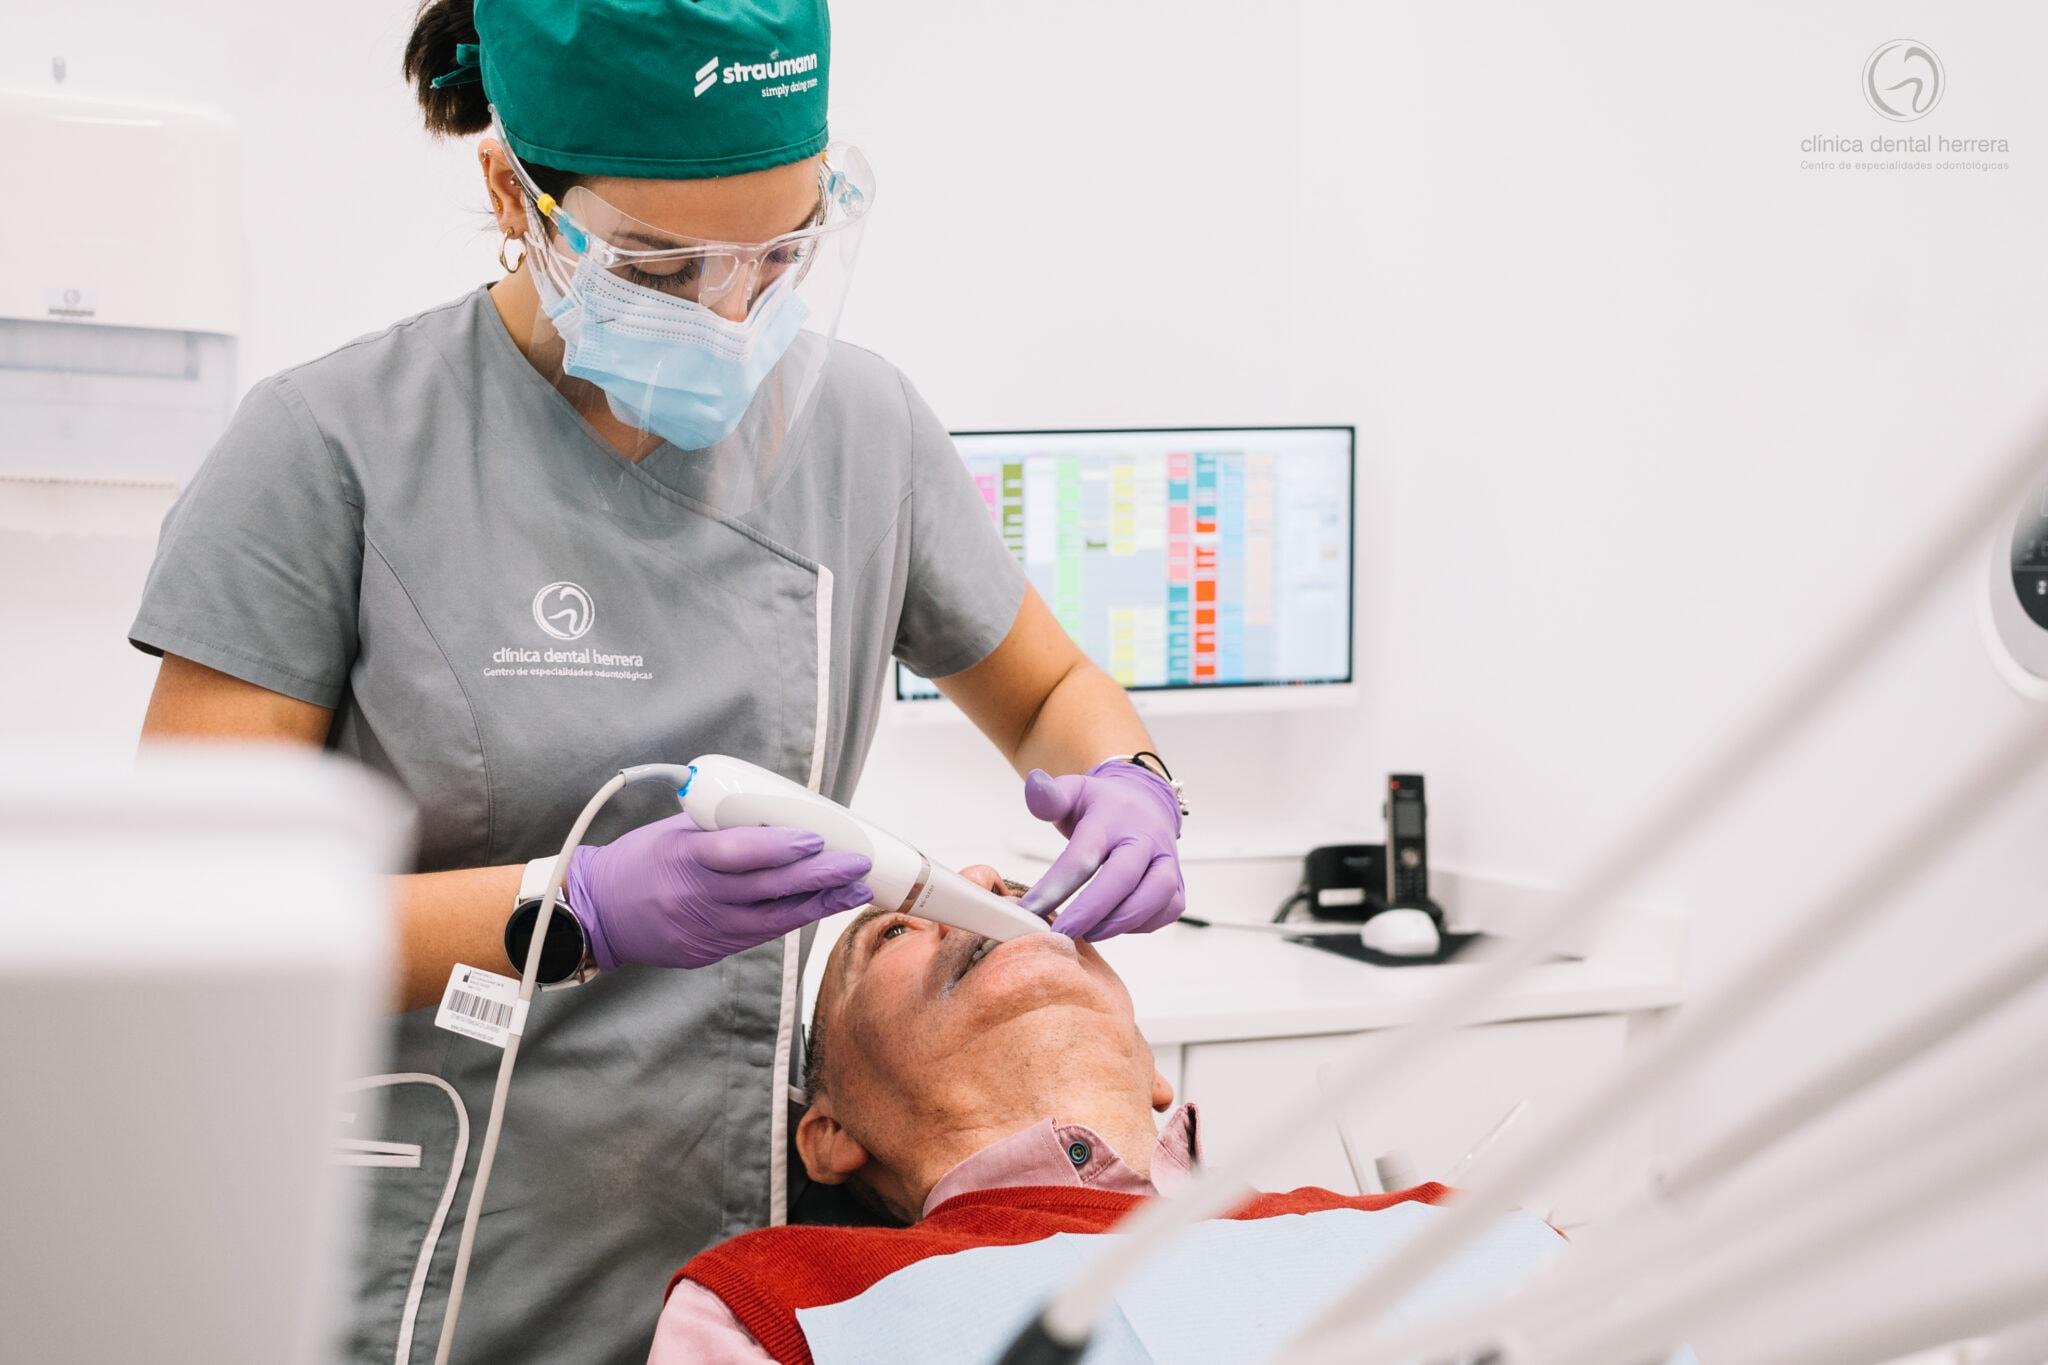 Clínica Dental Herrera perfecciona las impresiones digitales con la dotación de nuevos-escáneres-intraorales